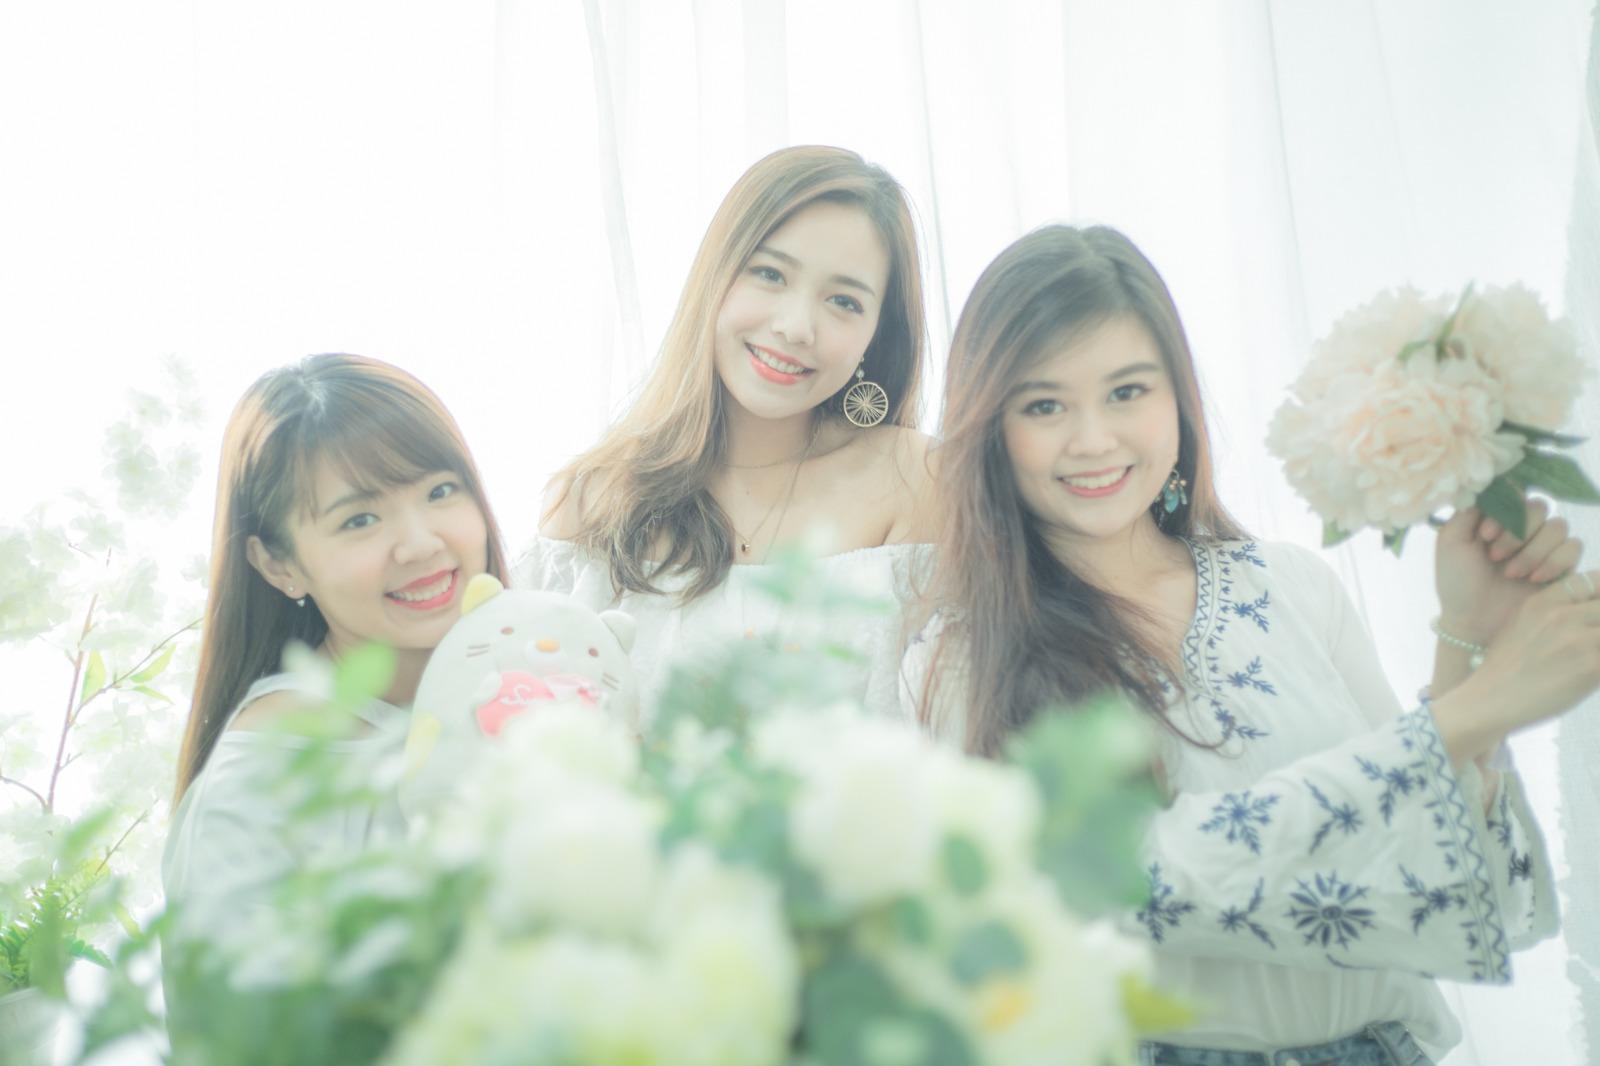 閨蜜寫真照攝影服務影相價錢介紹 BEST FRIEND PHOTO icefire studio hk 最新優惠推介 a